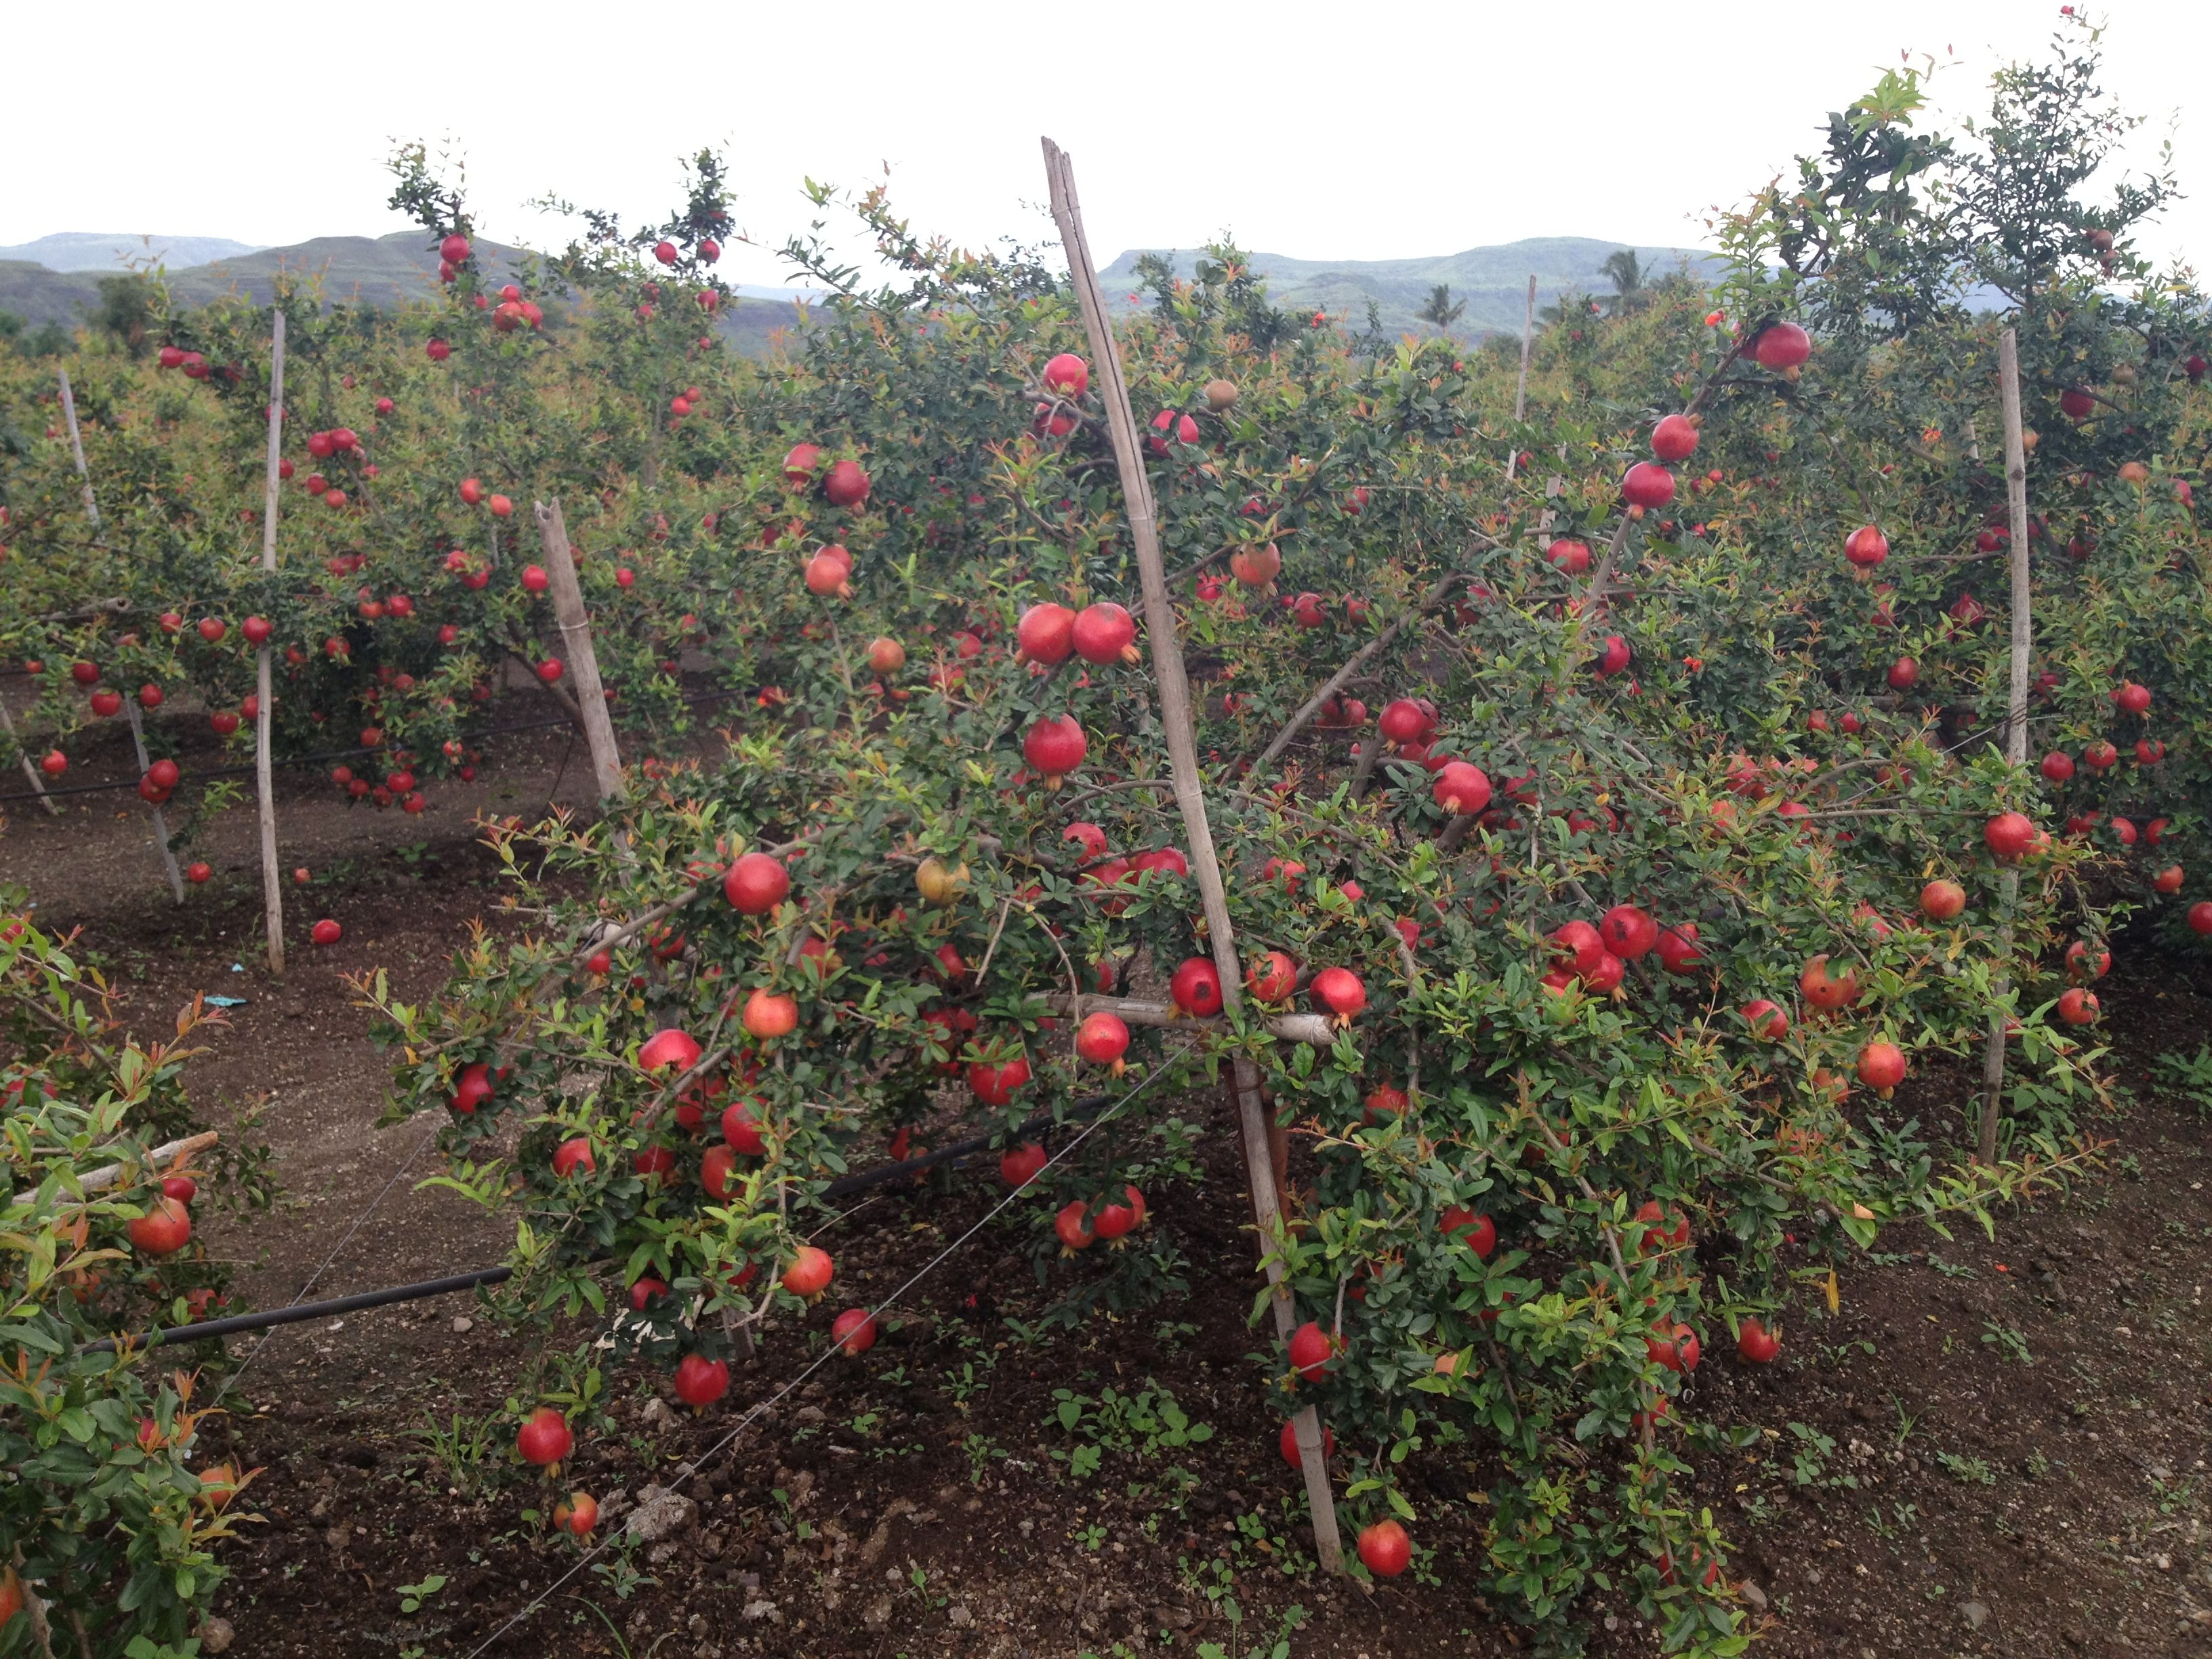 This is our pomegranate farm in Nashik, near Maharashtra